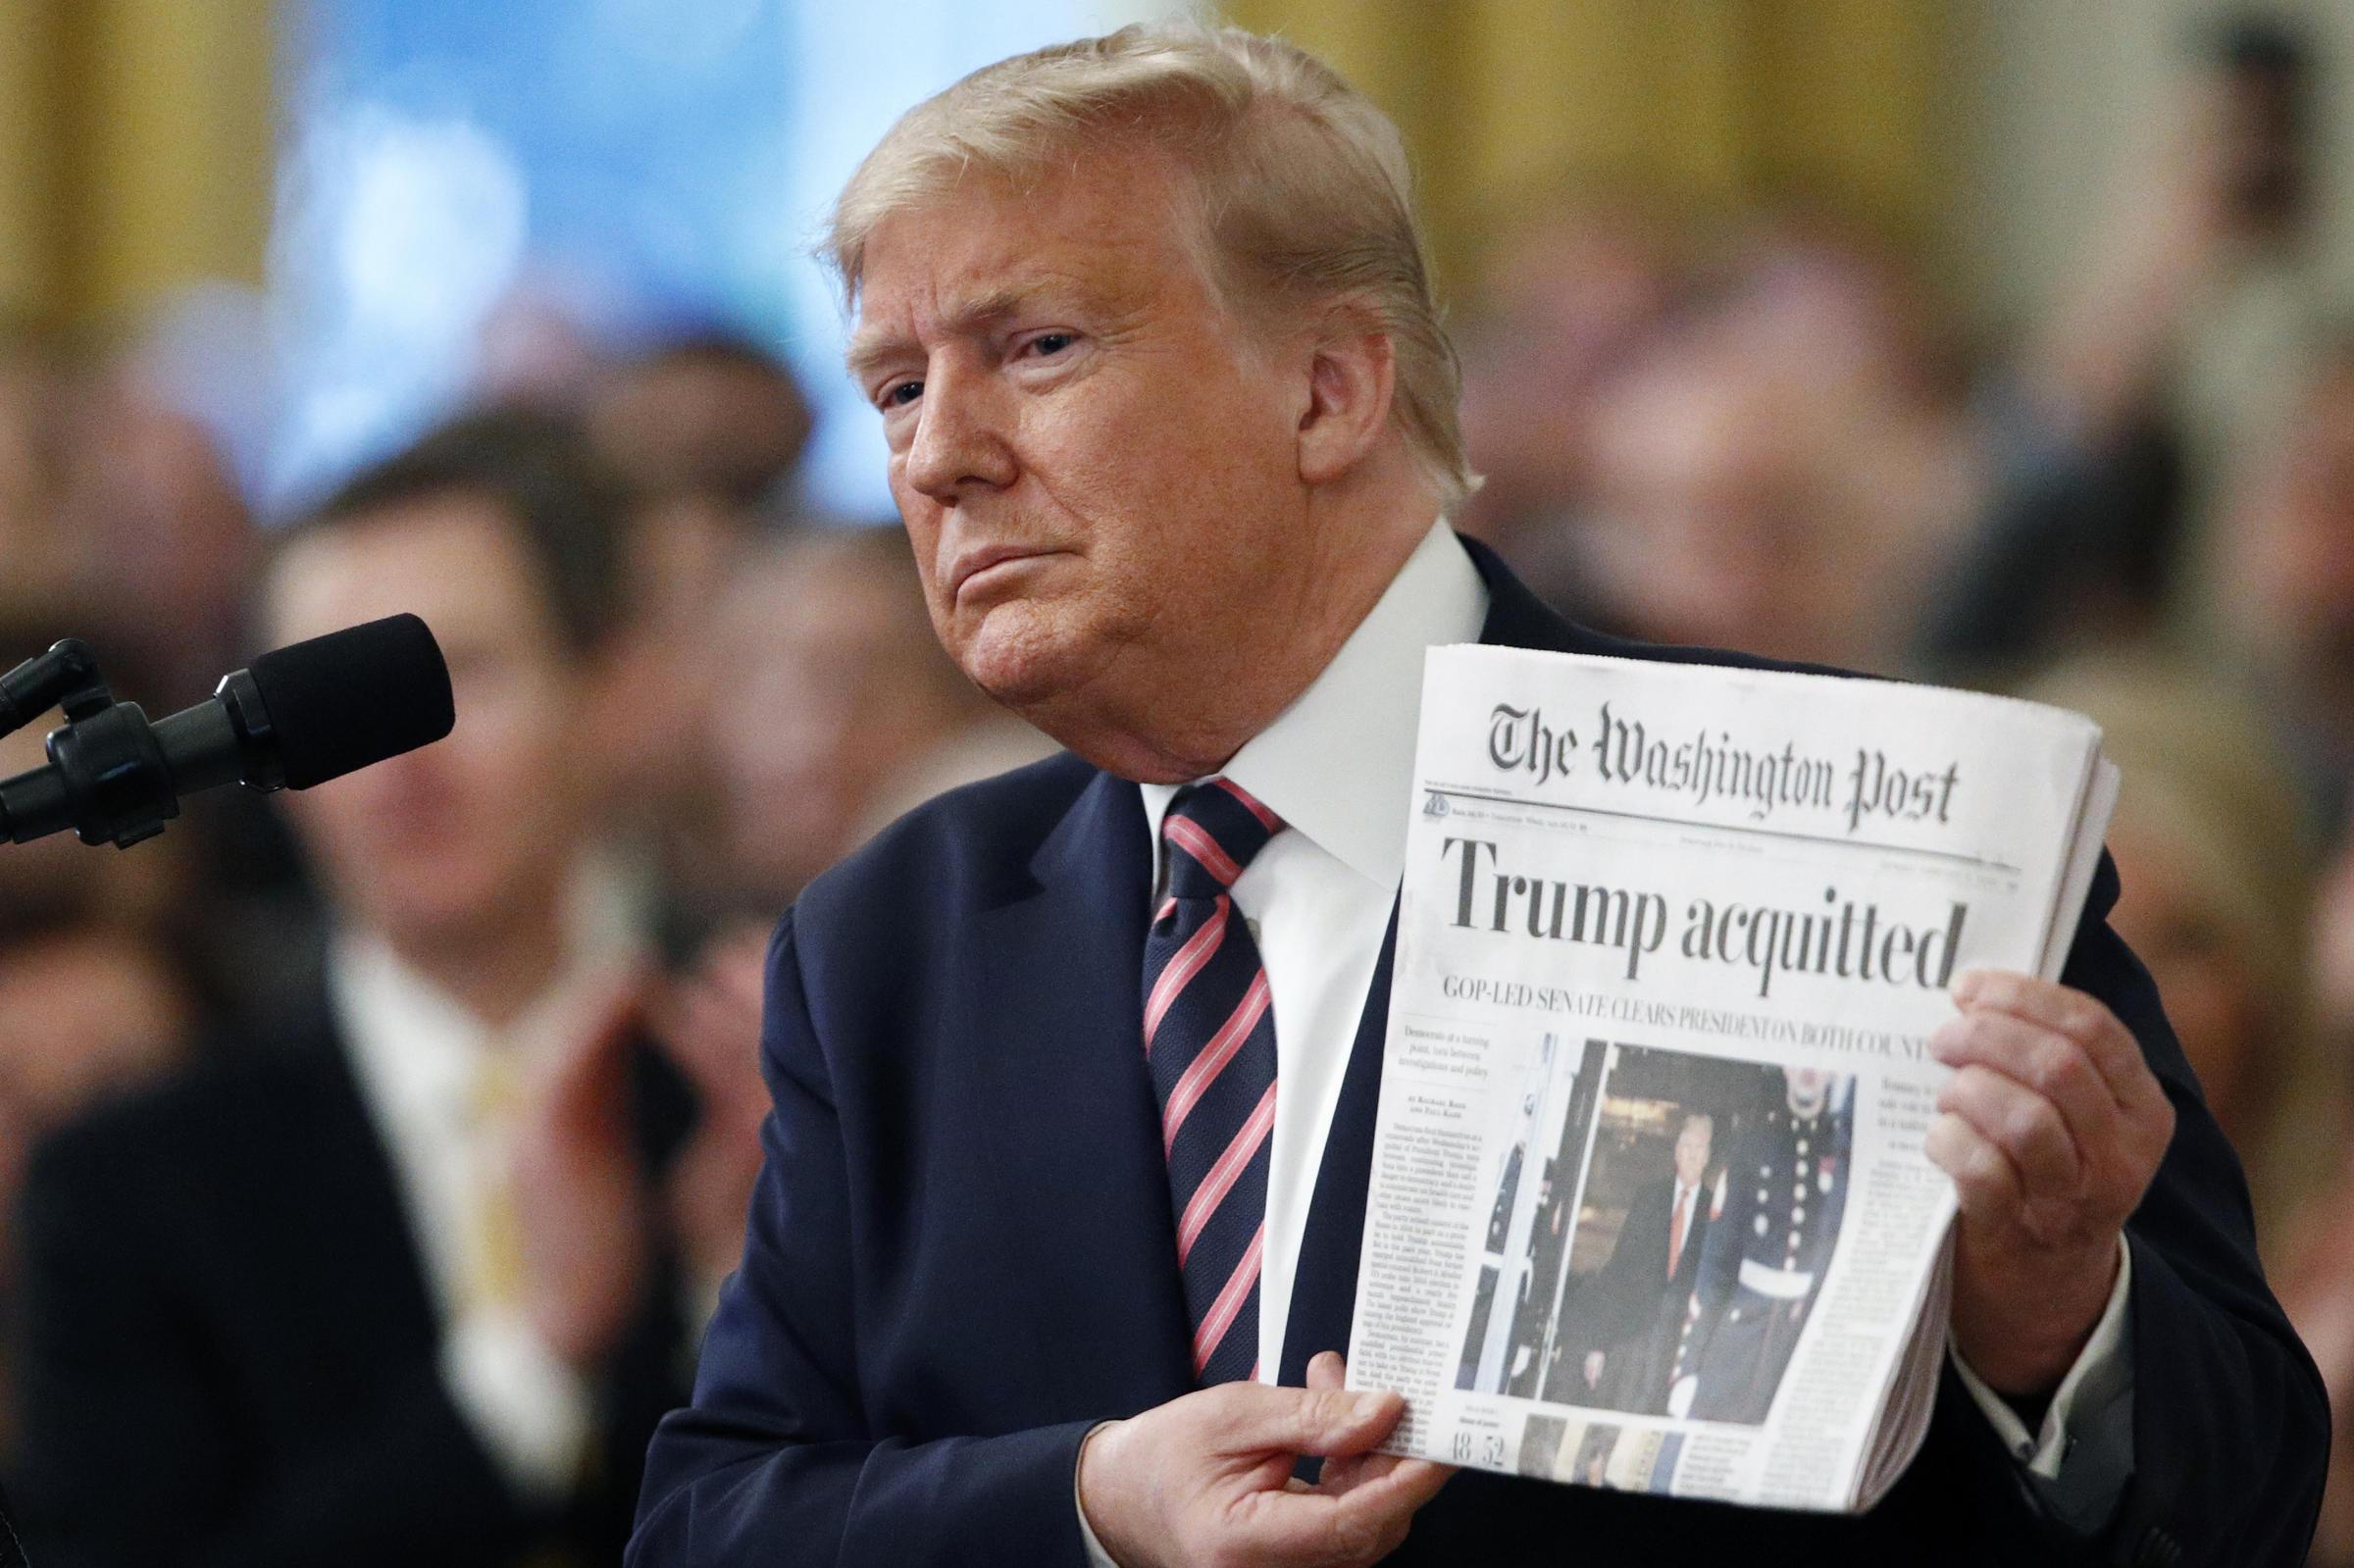 Ông Trump lớn tiếng chỉ trích Đảng Dân chủ sau khi trắng án lần hai - Ảnh 1.